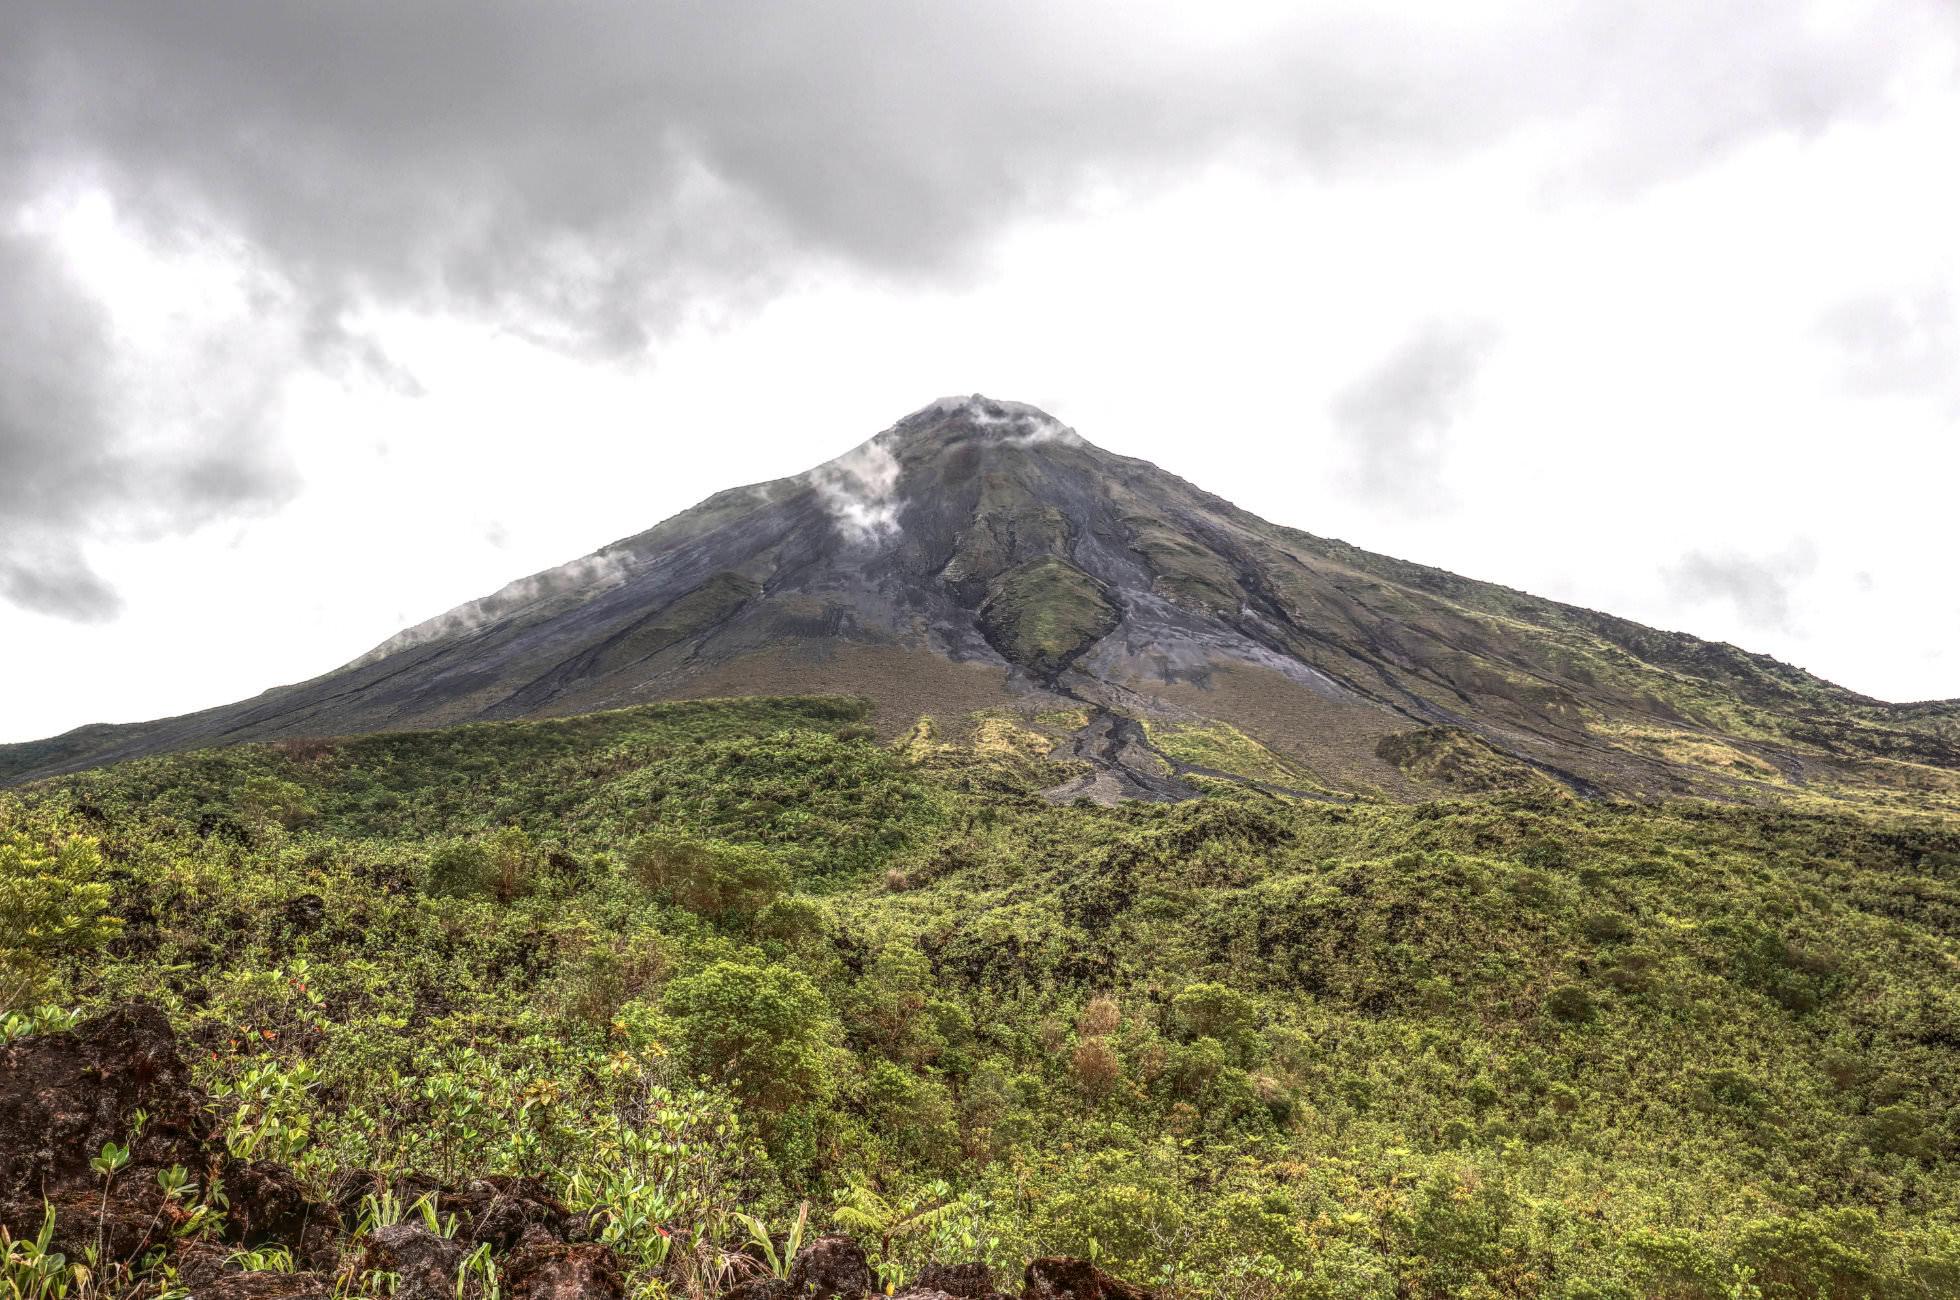 Vulkanausbruch Vulkan Arenal